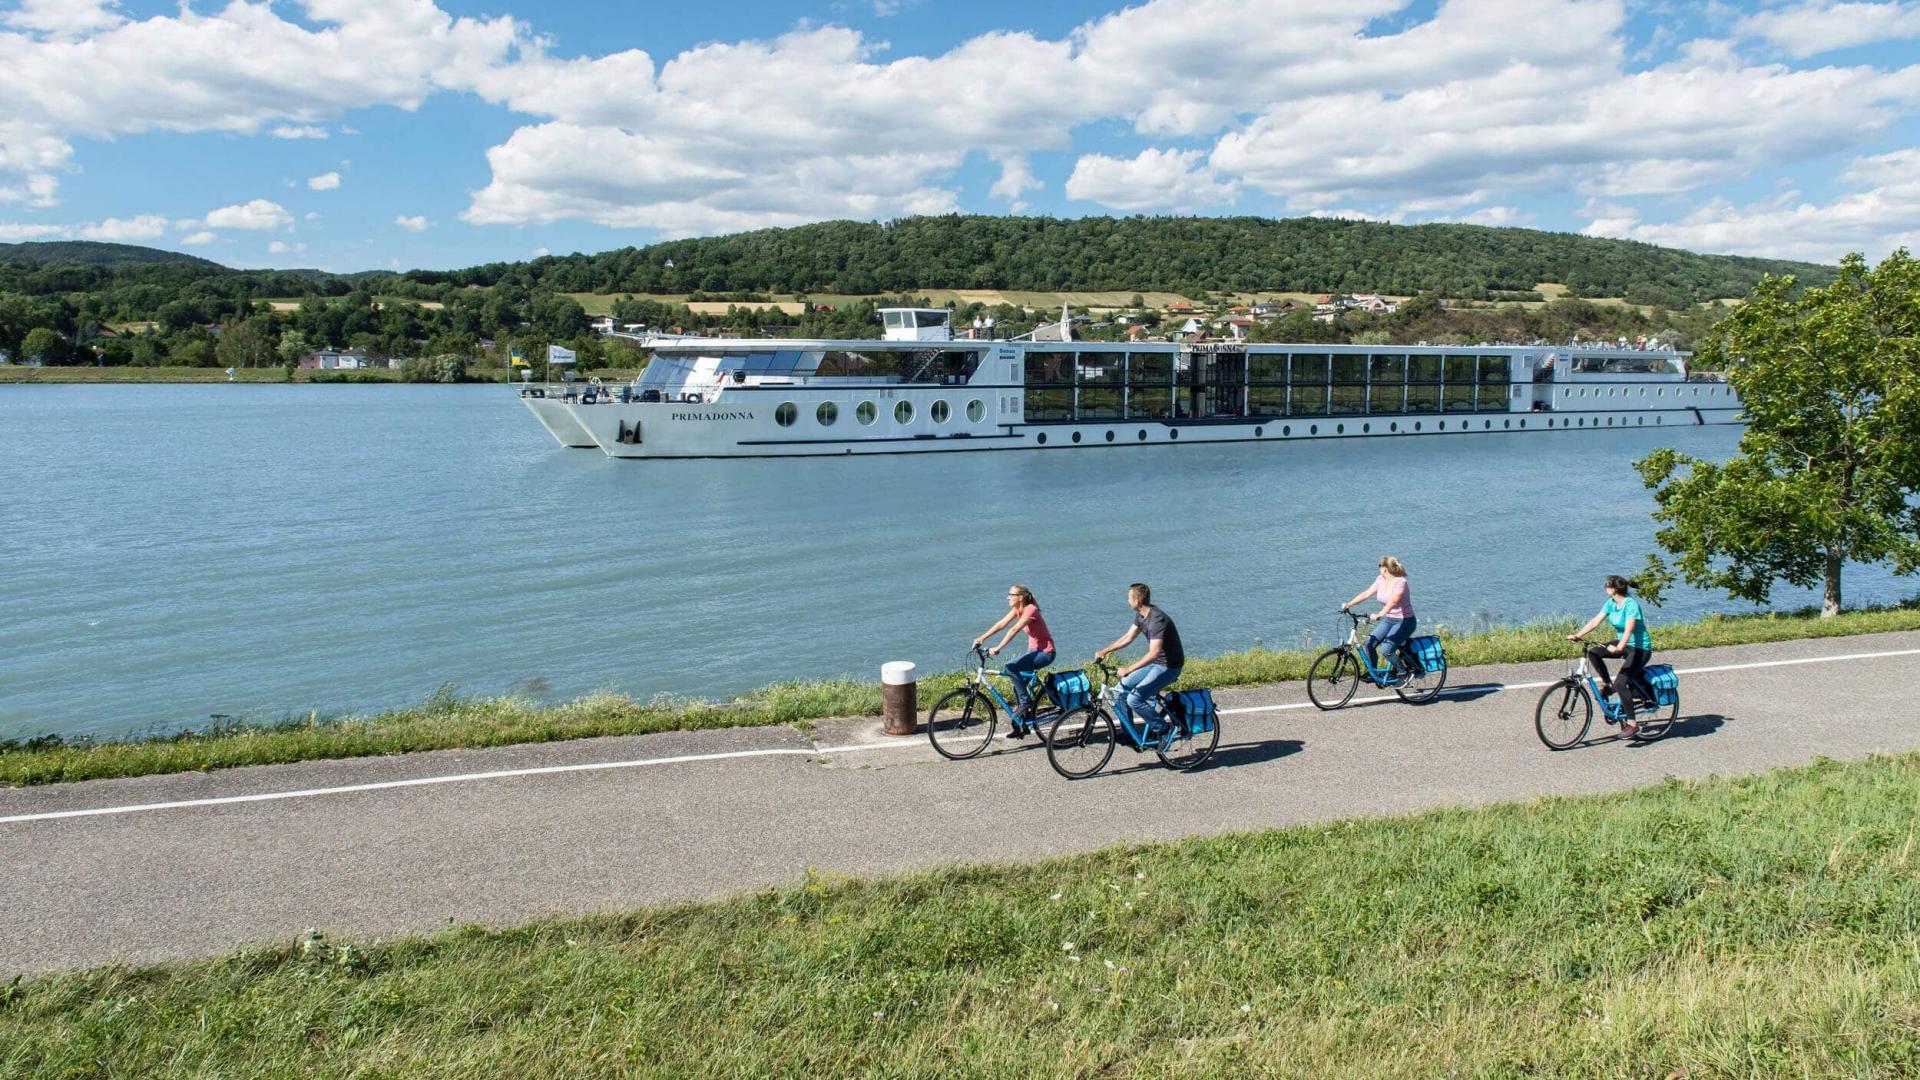 MS Primadonna Radler mit Blick auf Klein Pöchlarn © Donau Touristik - Daniel Zupanc